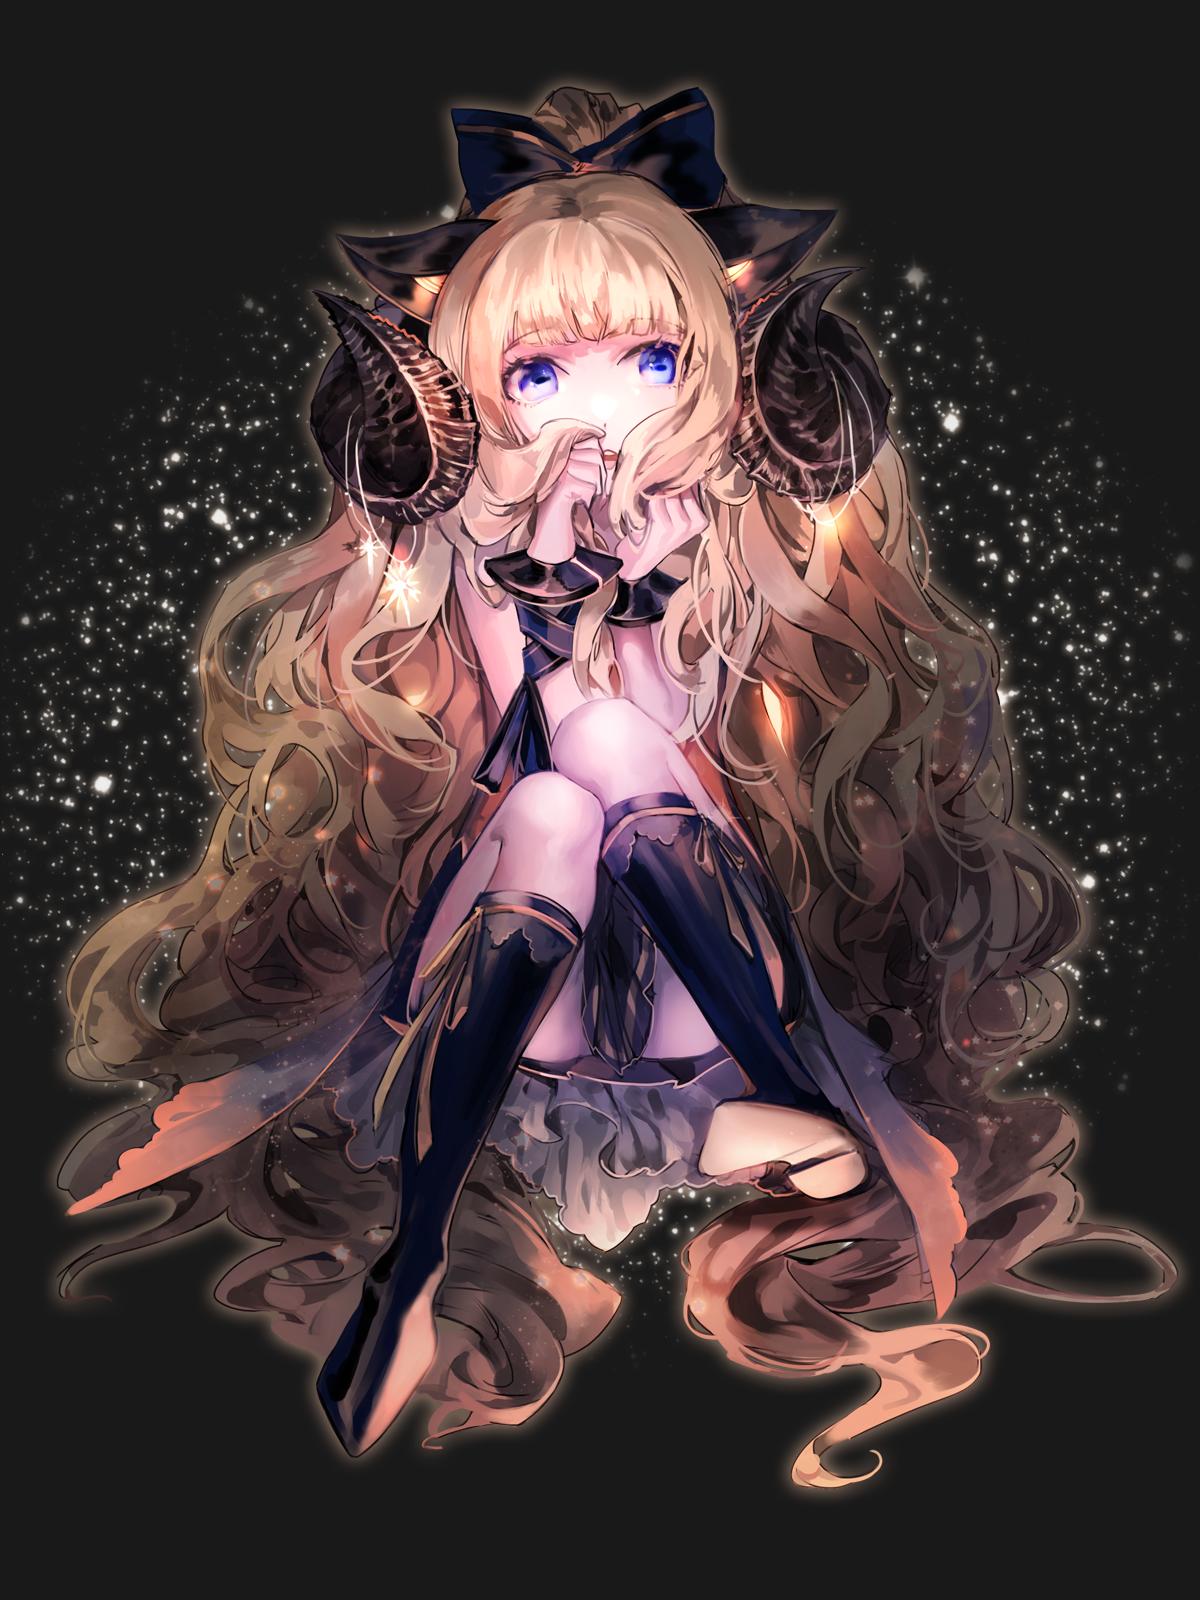 Pin oleh d'apriLiana di ♠ anime ♠ Rambut pirang, Pirang